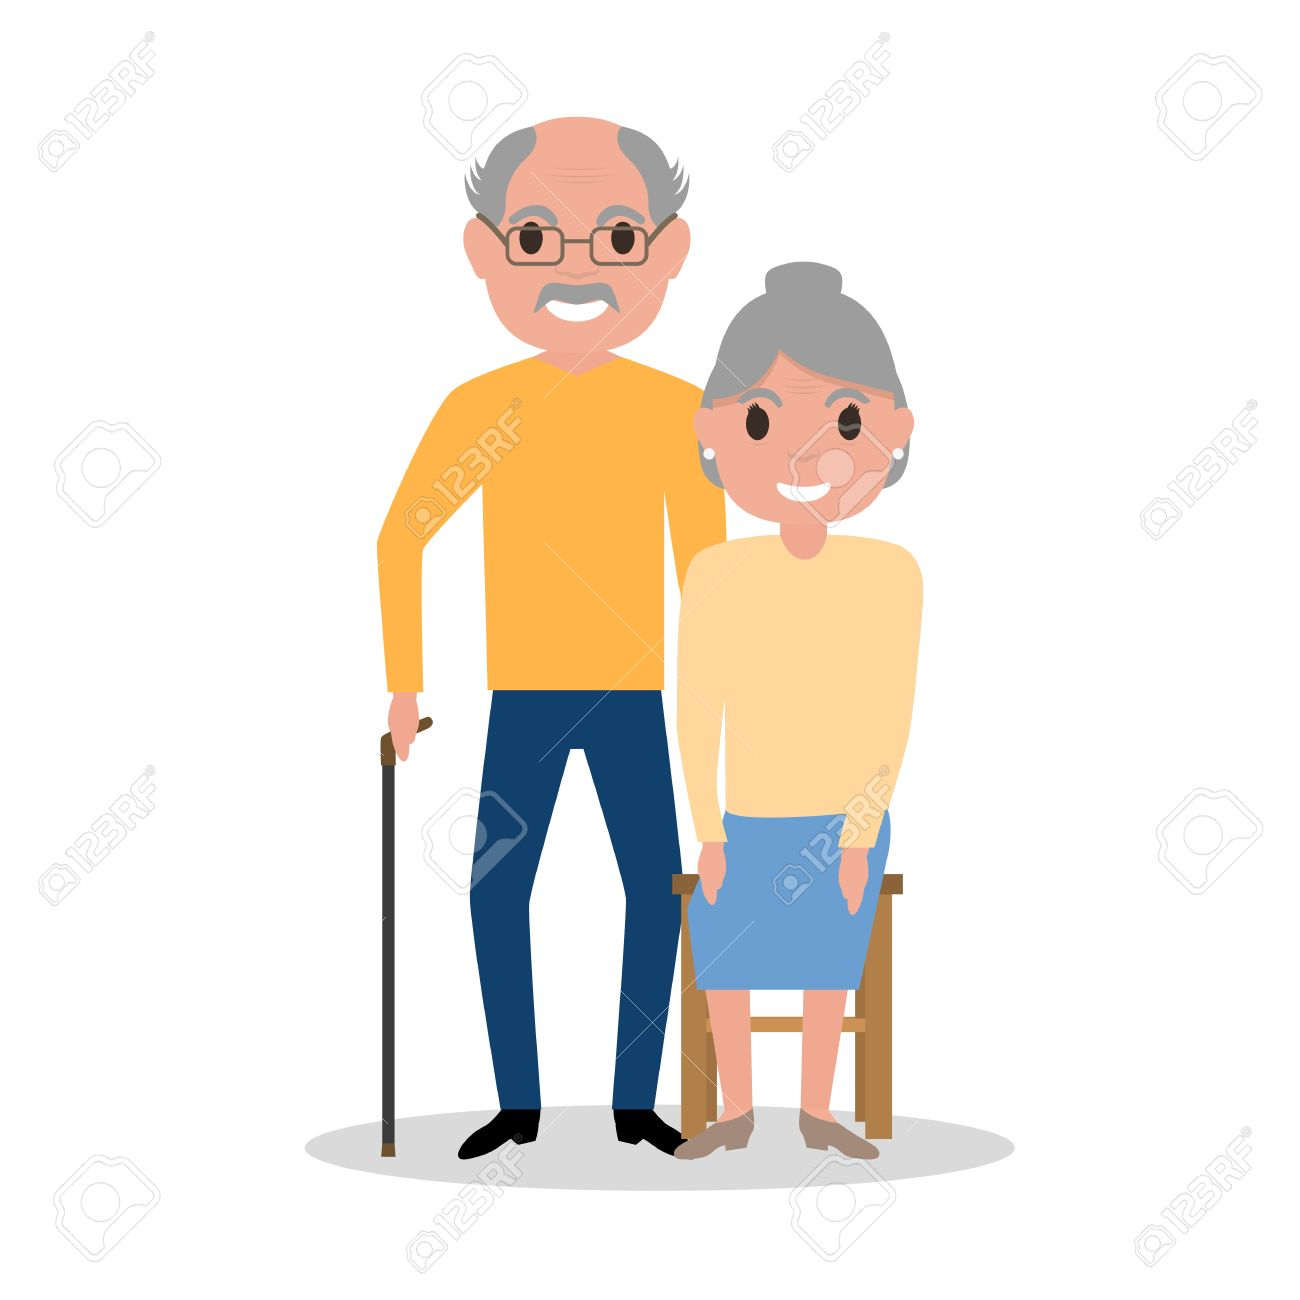 Disegni Di Persone Anziane.Illustrazione Vettoriale Di Una Coppia Di Anziani Nonni Persone Di Eta Cartoon Vecchi Disegno Immagine Isolato Su Sfondo Bianco Stile Piatto